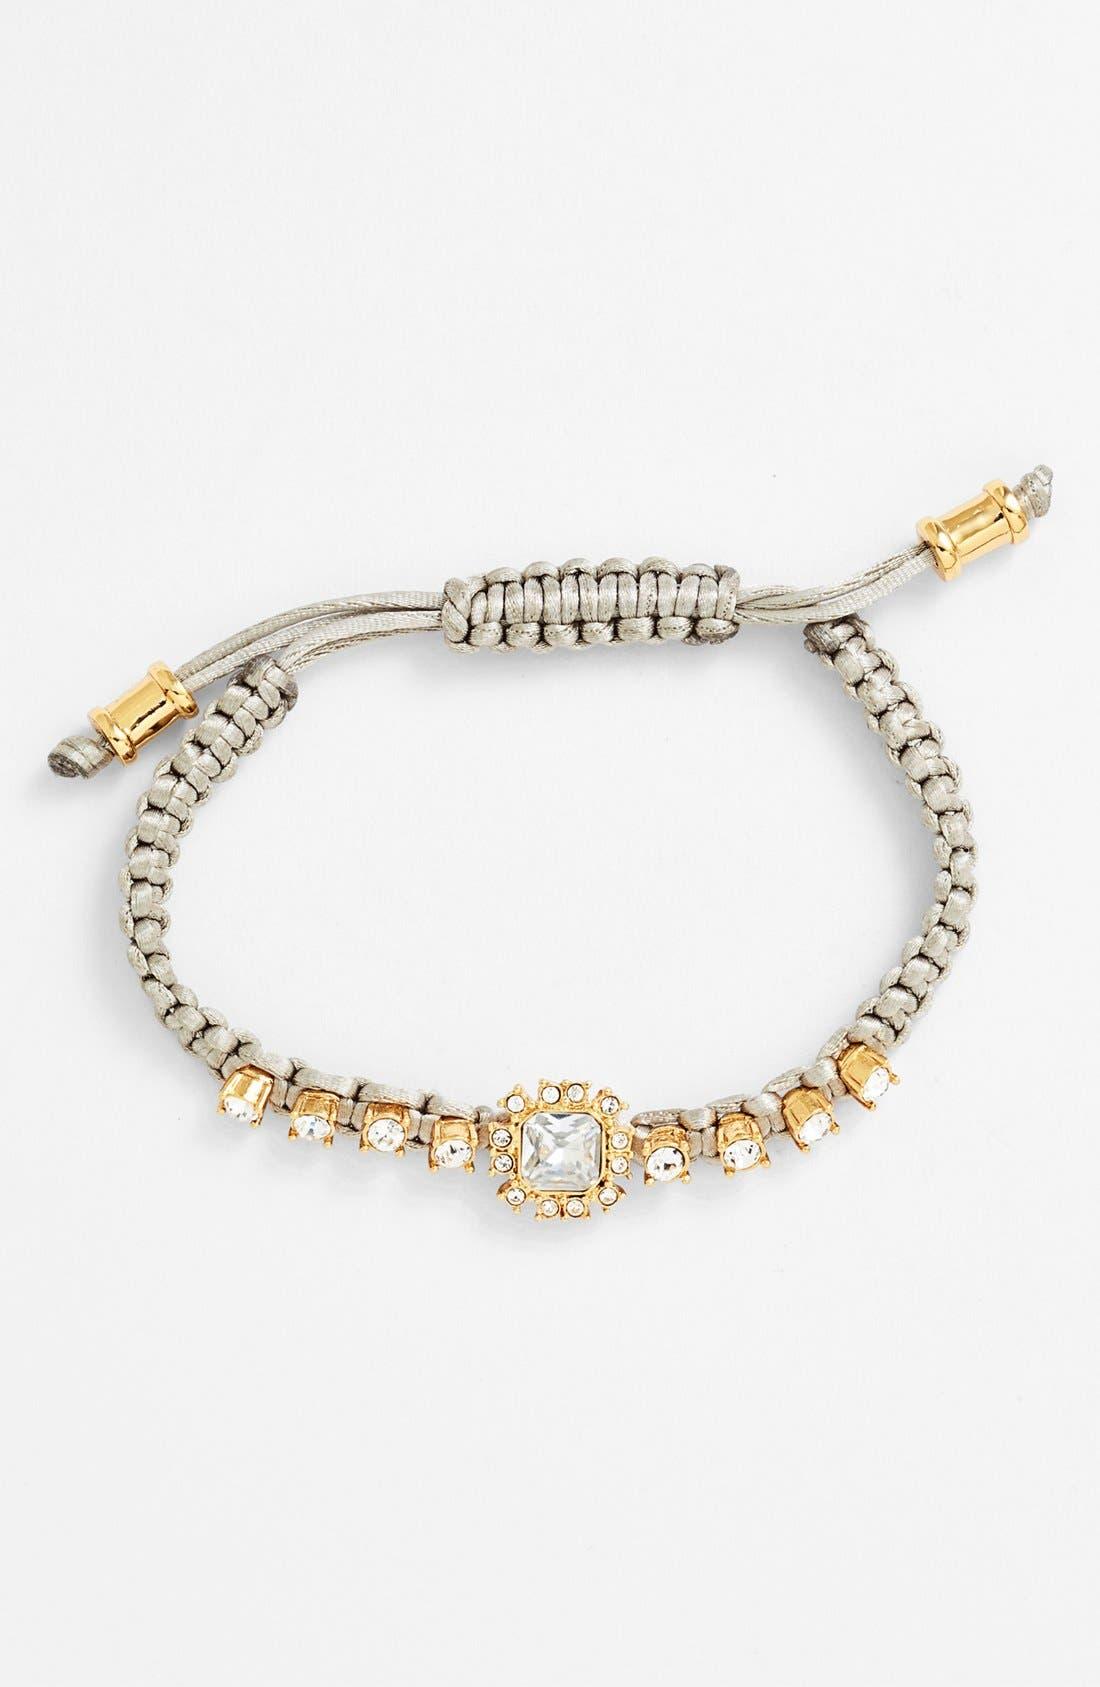 Alternate Image 1 Selected - Vince Camuto 'Study' Macramé Bracelet